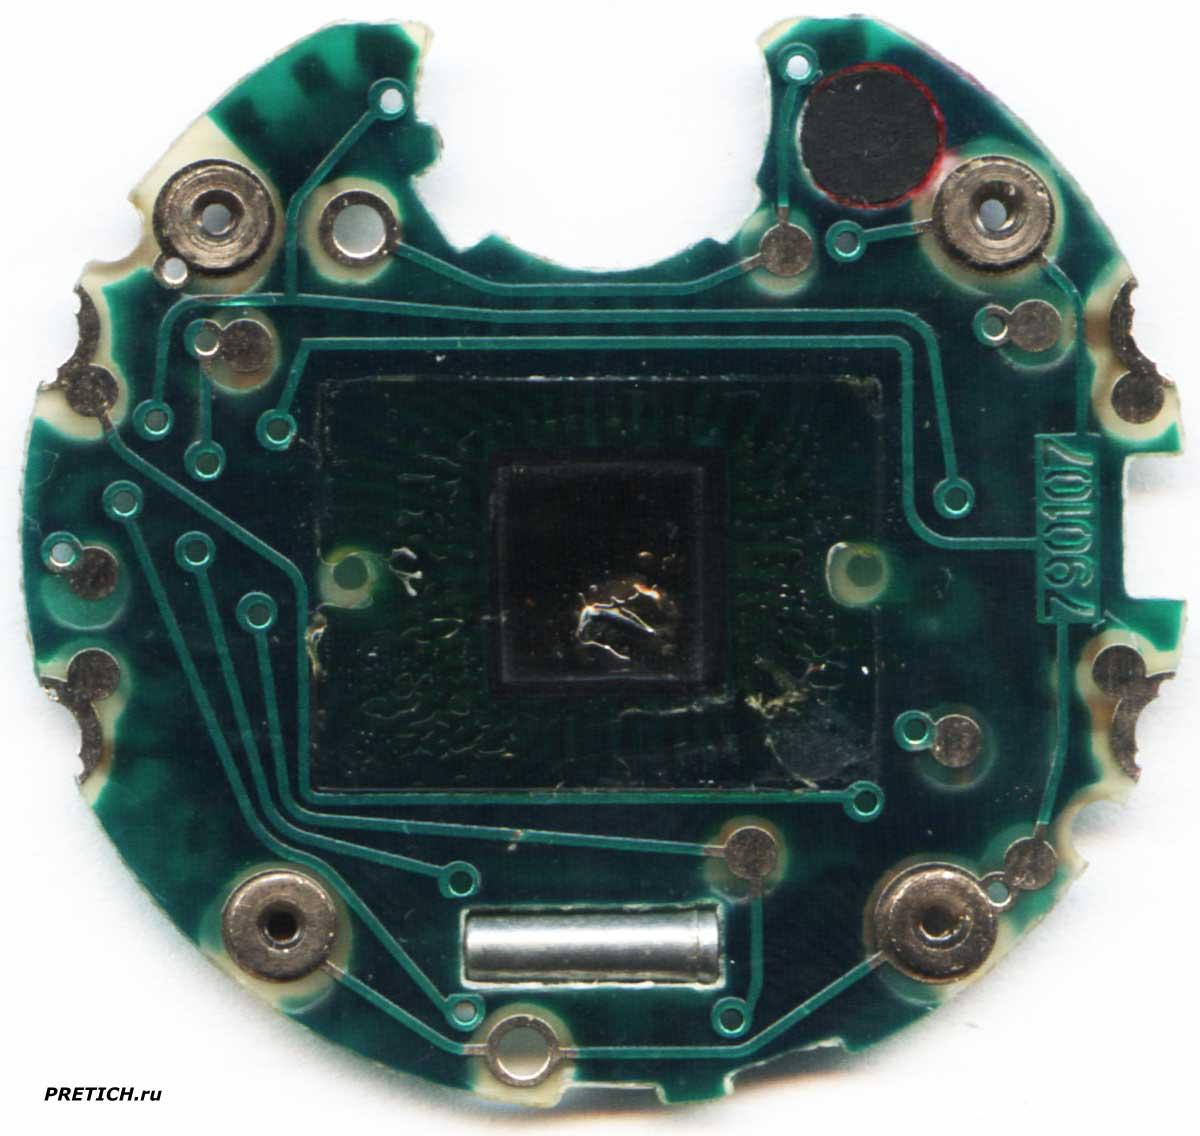 Электроника 55 плата советских часов